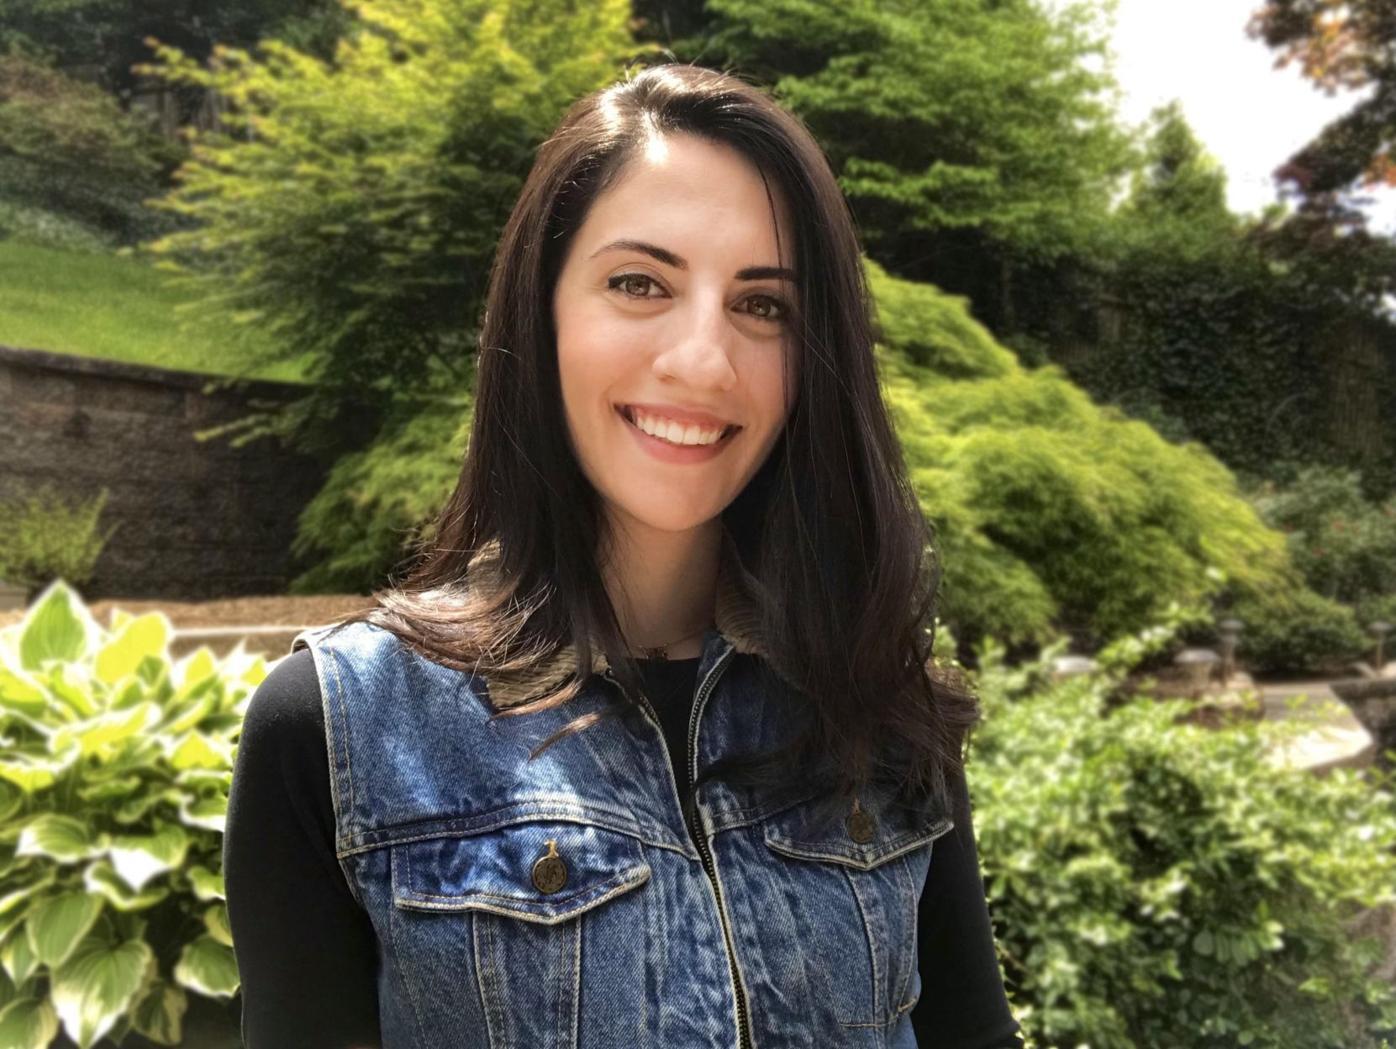 Anna Meyssami